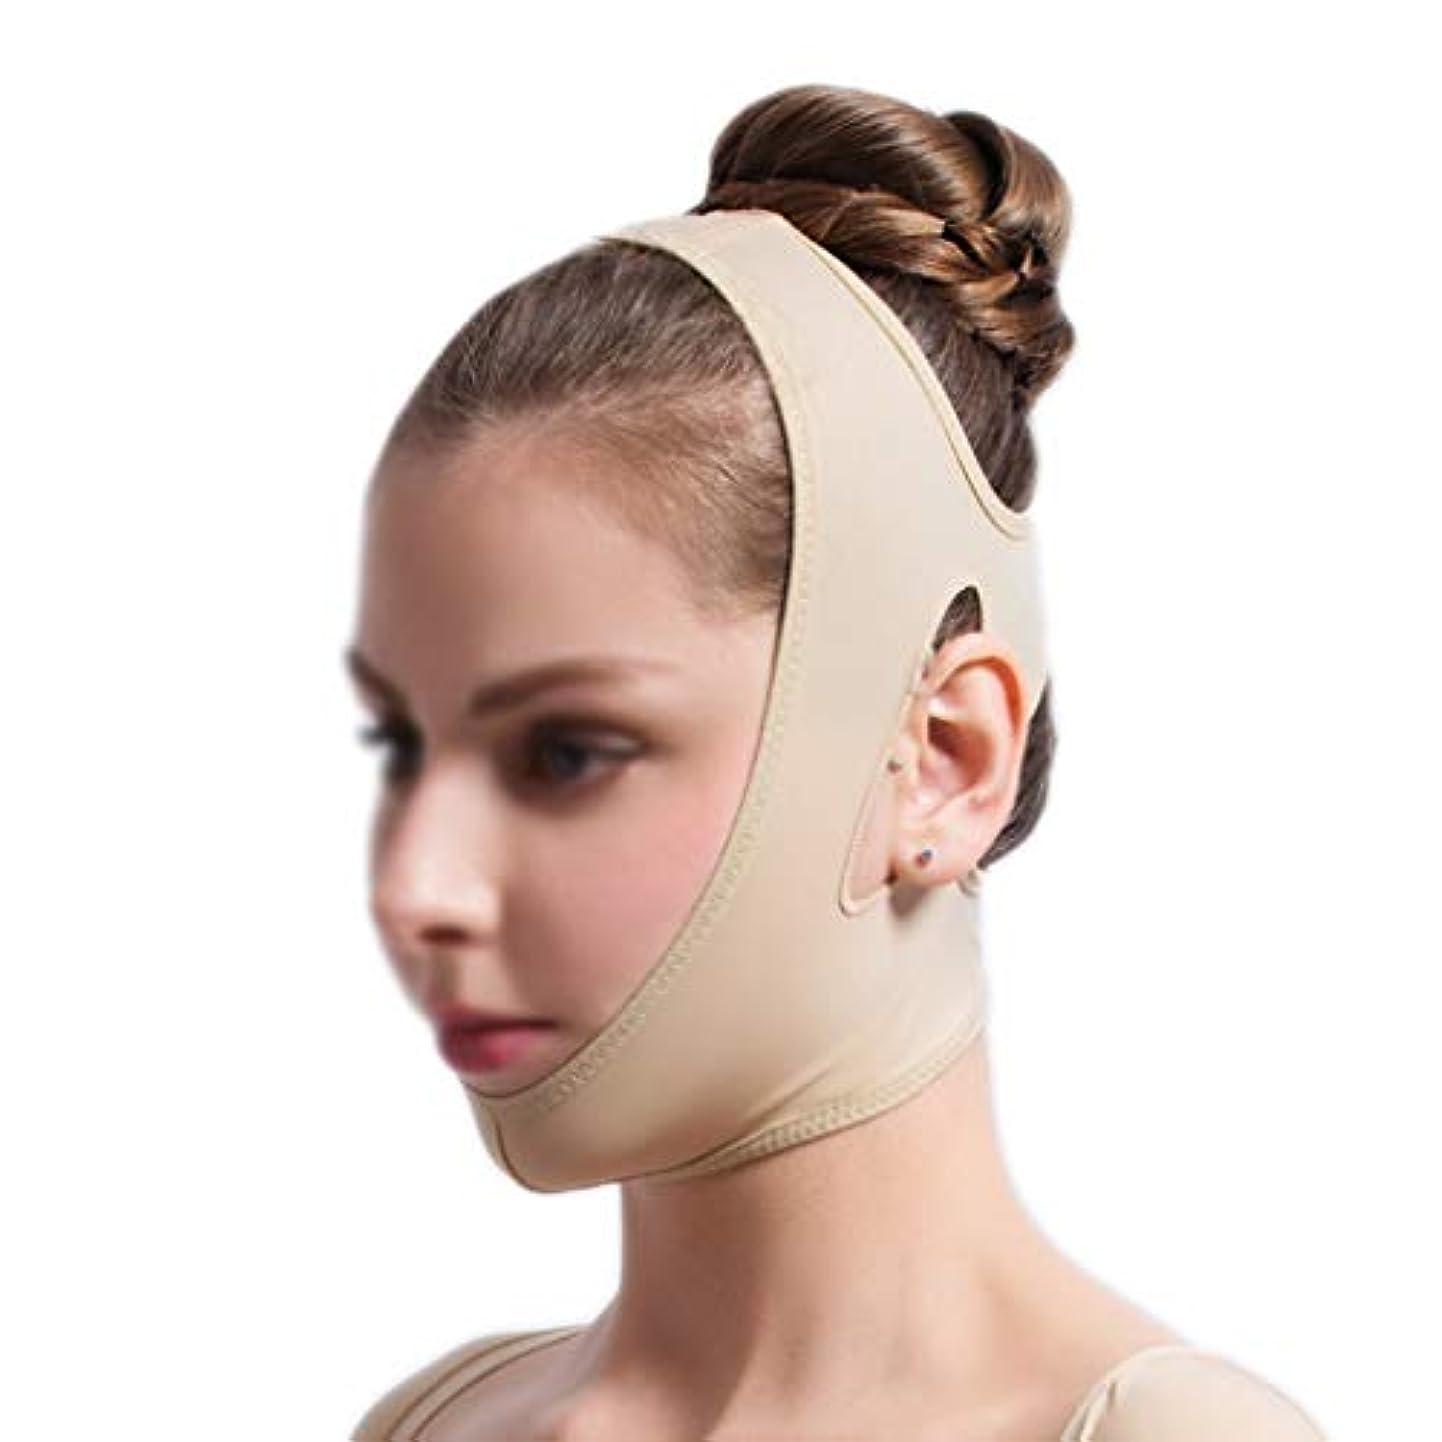 世論調査日記貯水池XHLMRMJ フェイスリフティング包帯、フェイシャル減量マスク、フェイシャルリフティング痩身ベルト、痩身頬マスク (Size : XXL)